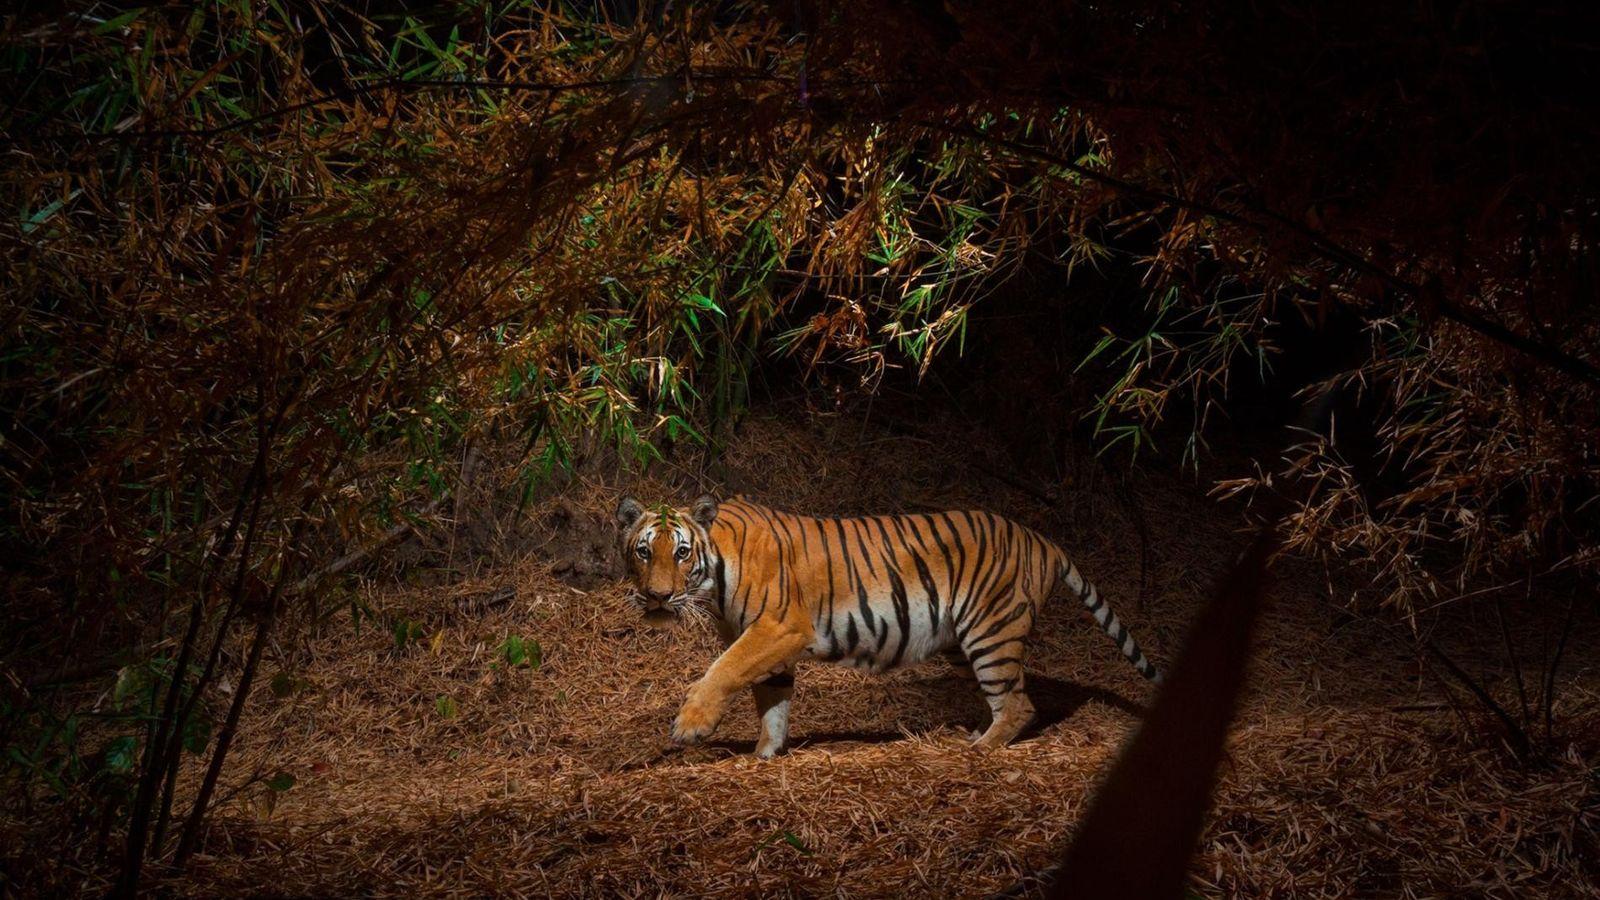 Une caméra télécommandée immortalise un tigre d'Indochine dans une forêt de bambou.